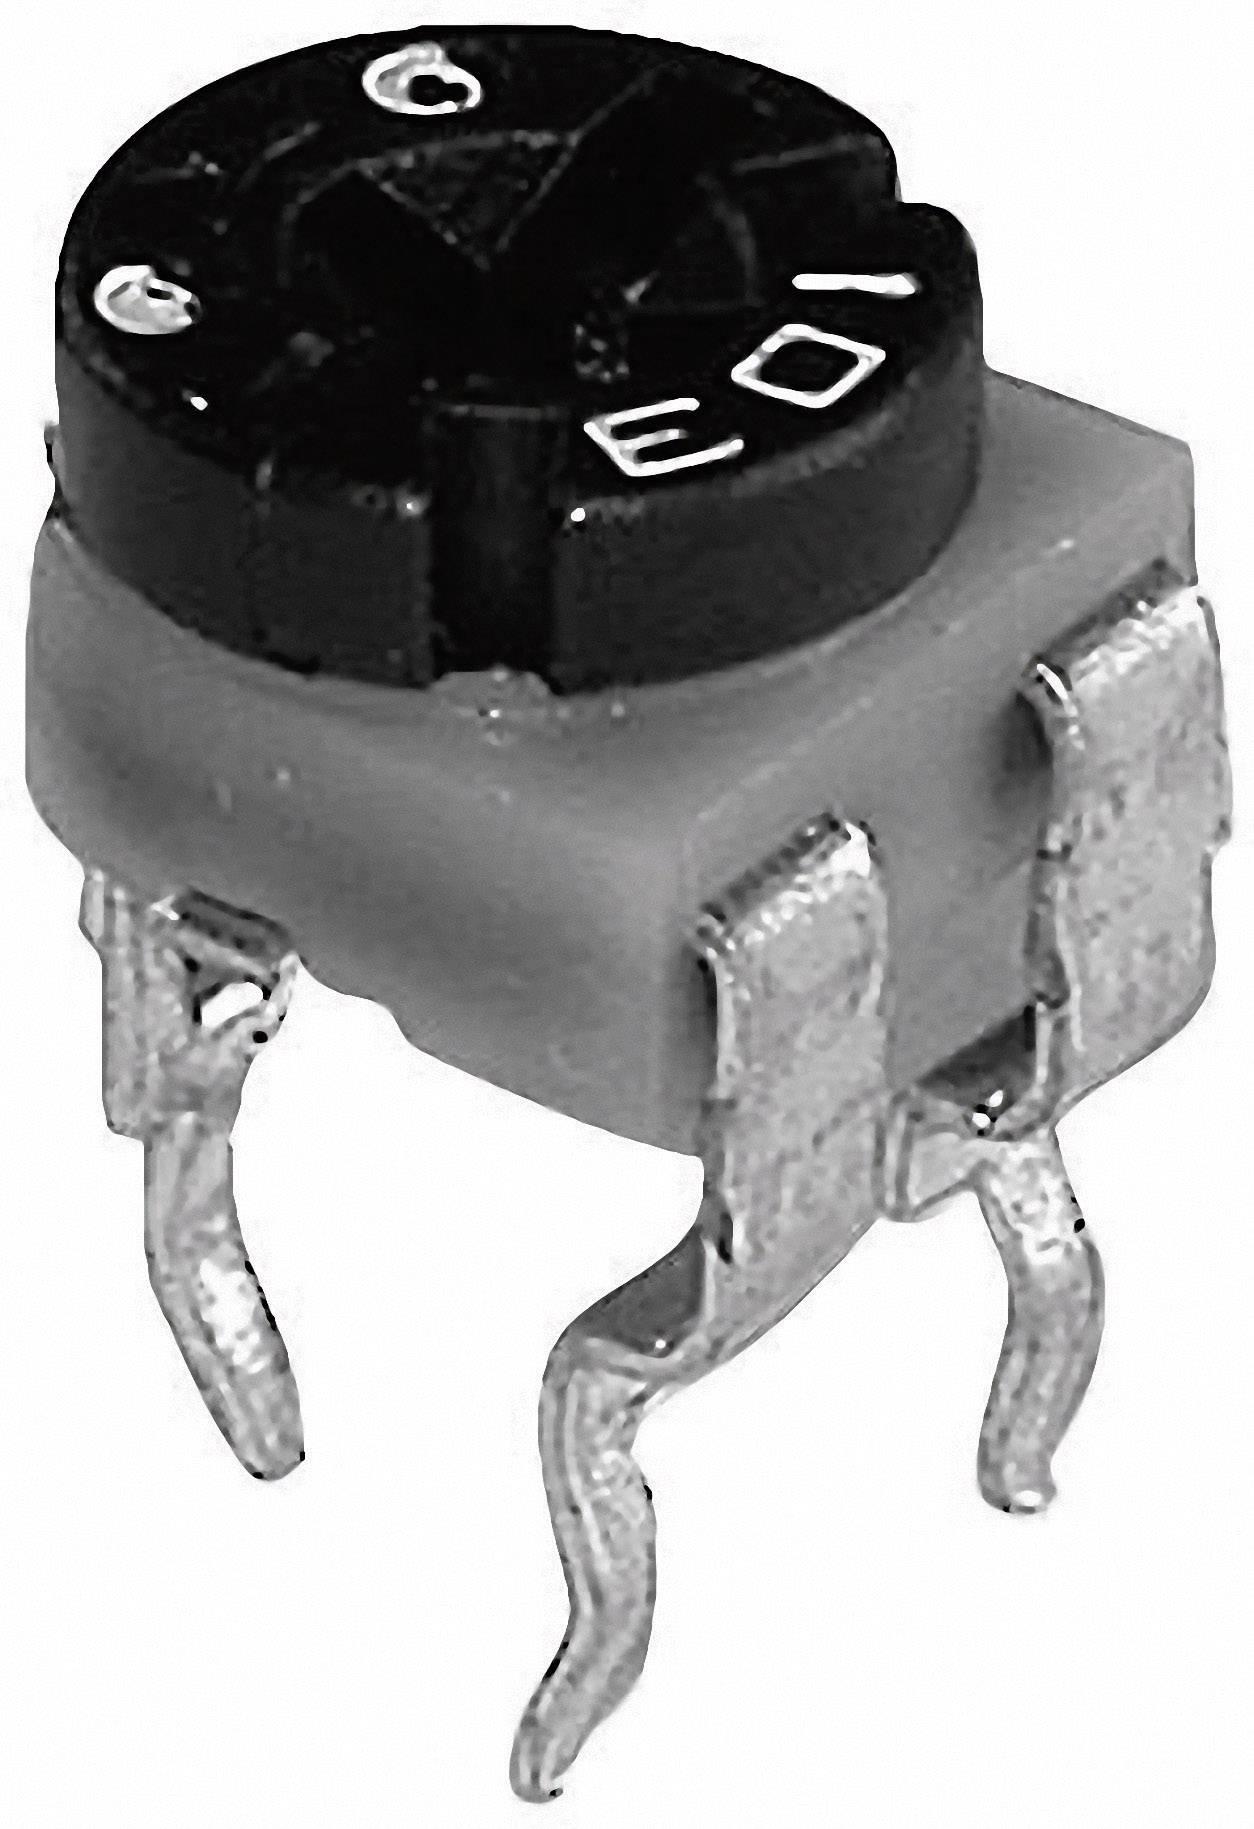 Uhlíkový trimer TT Electronics AB 601020, lineárny, 1 kOhm, 0.1 W, 1 ks